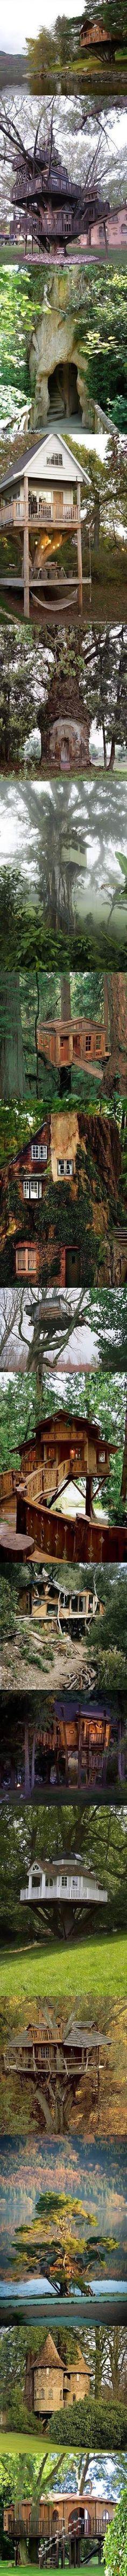 Really Awesome Treehouses | Boo Fckm HooBoo Fckm Hoo